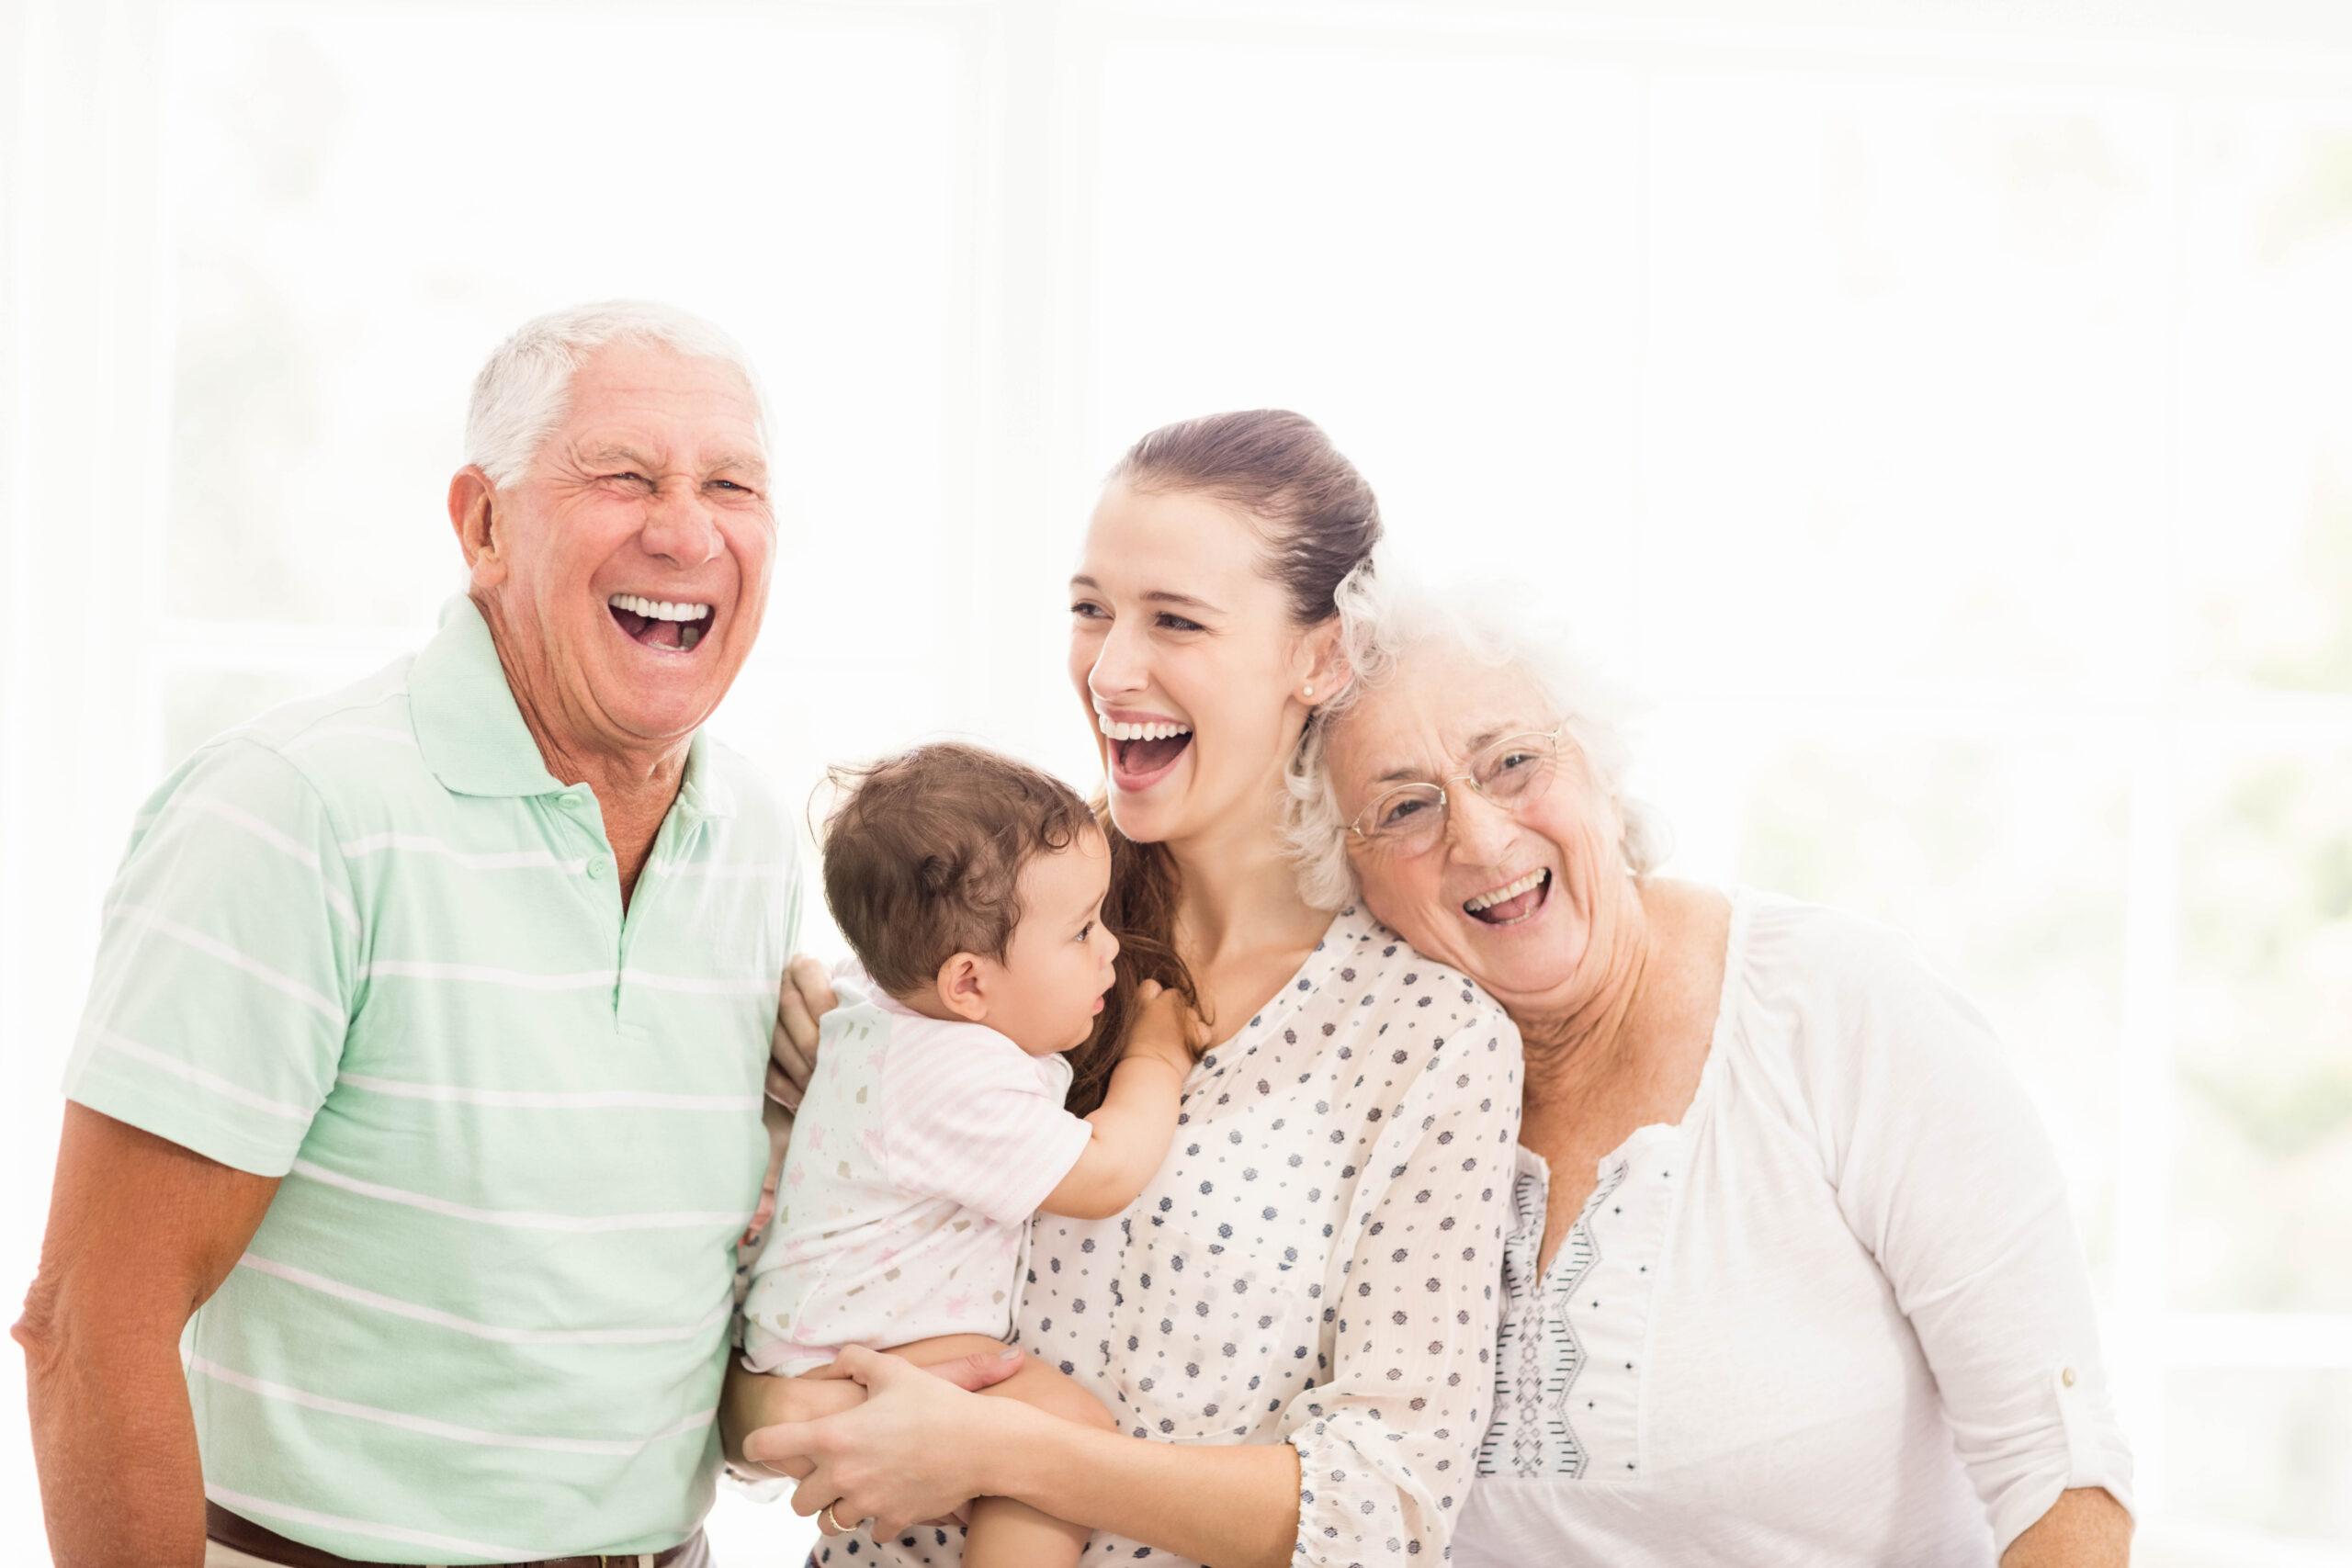 Cómo la risa ayuda a las personas mayores a mantener una buena salud